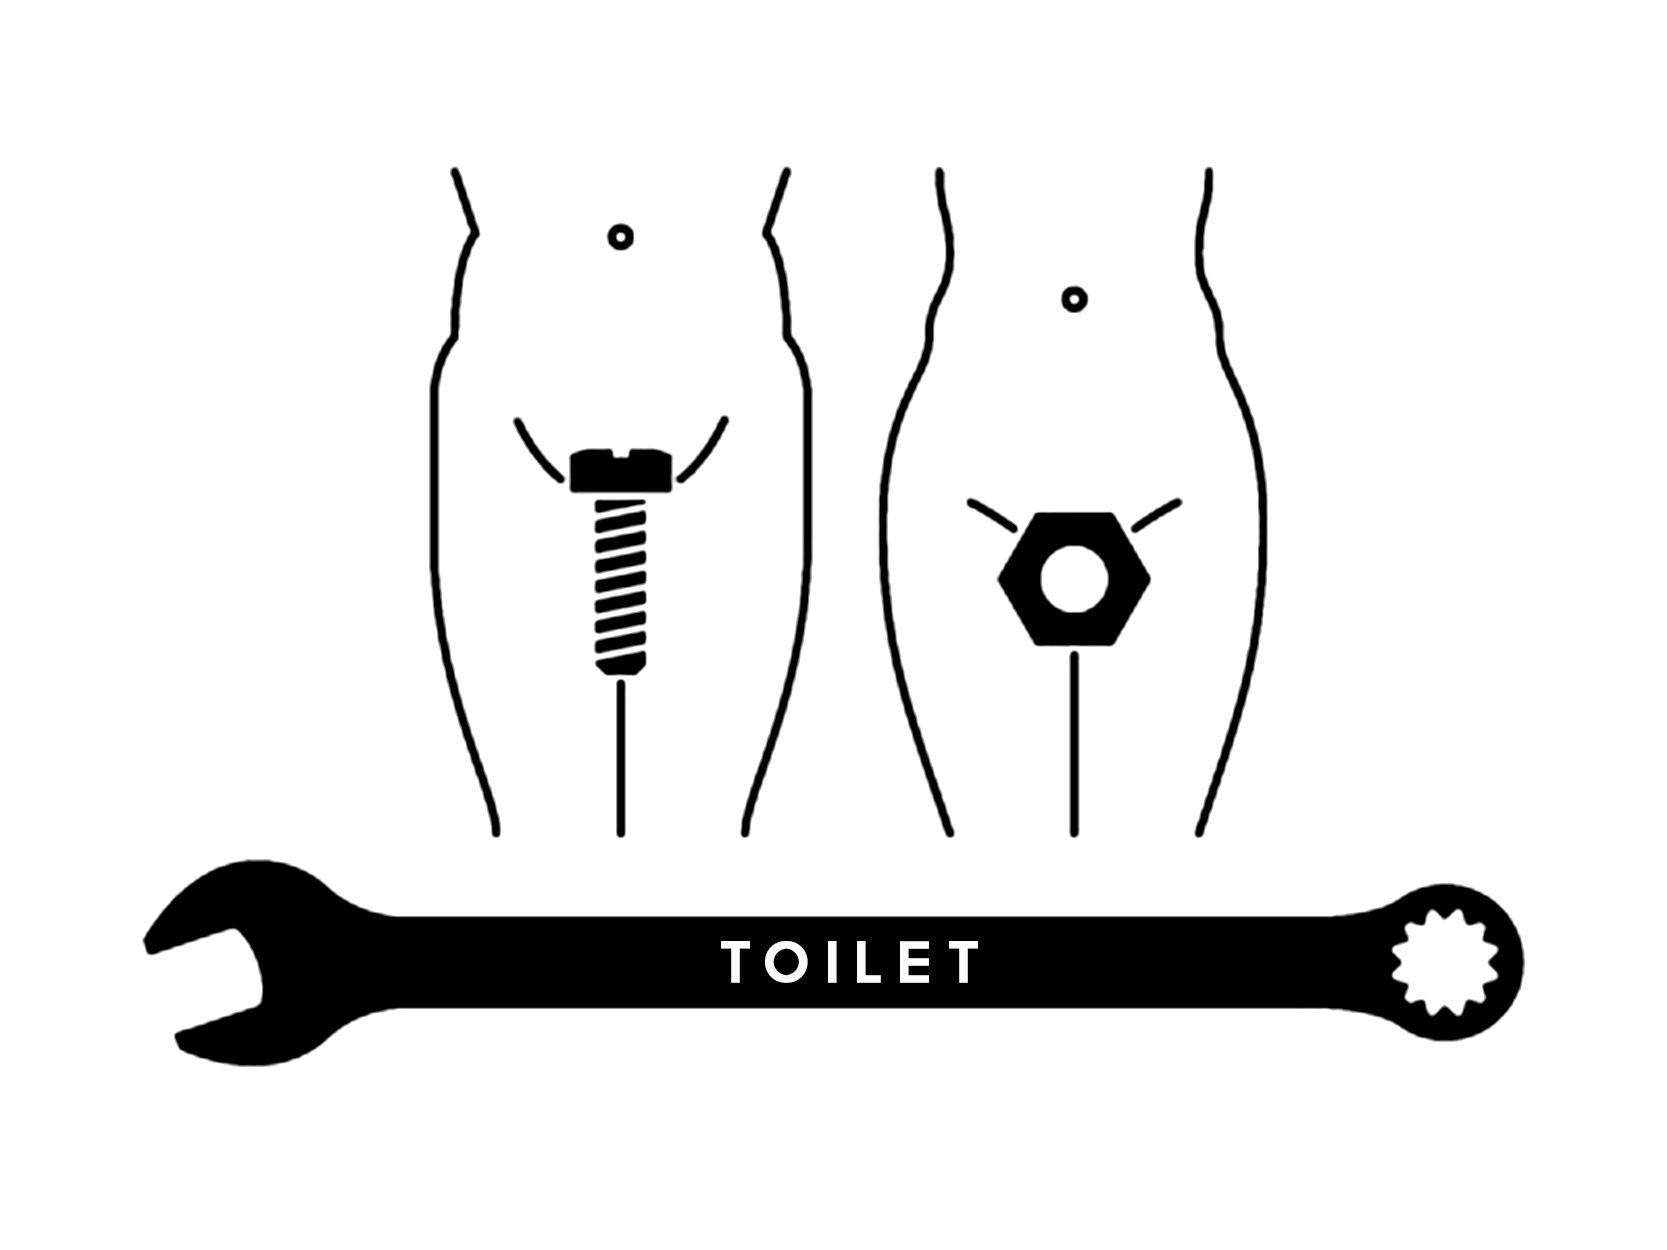 TOILET SIGN   Znakovi za kondut   Pinterest   Toilet, Creative and ...